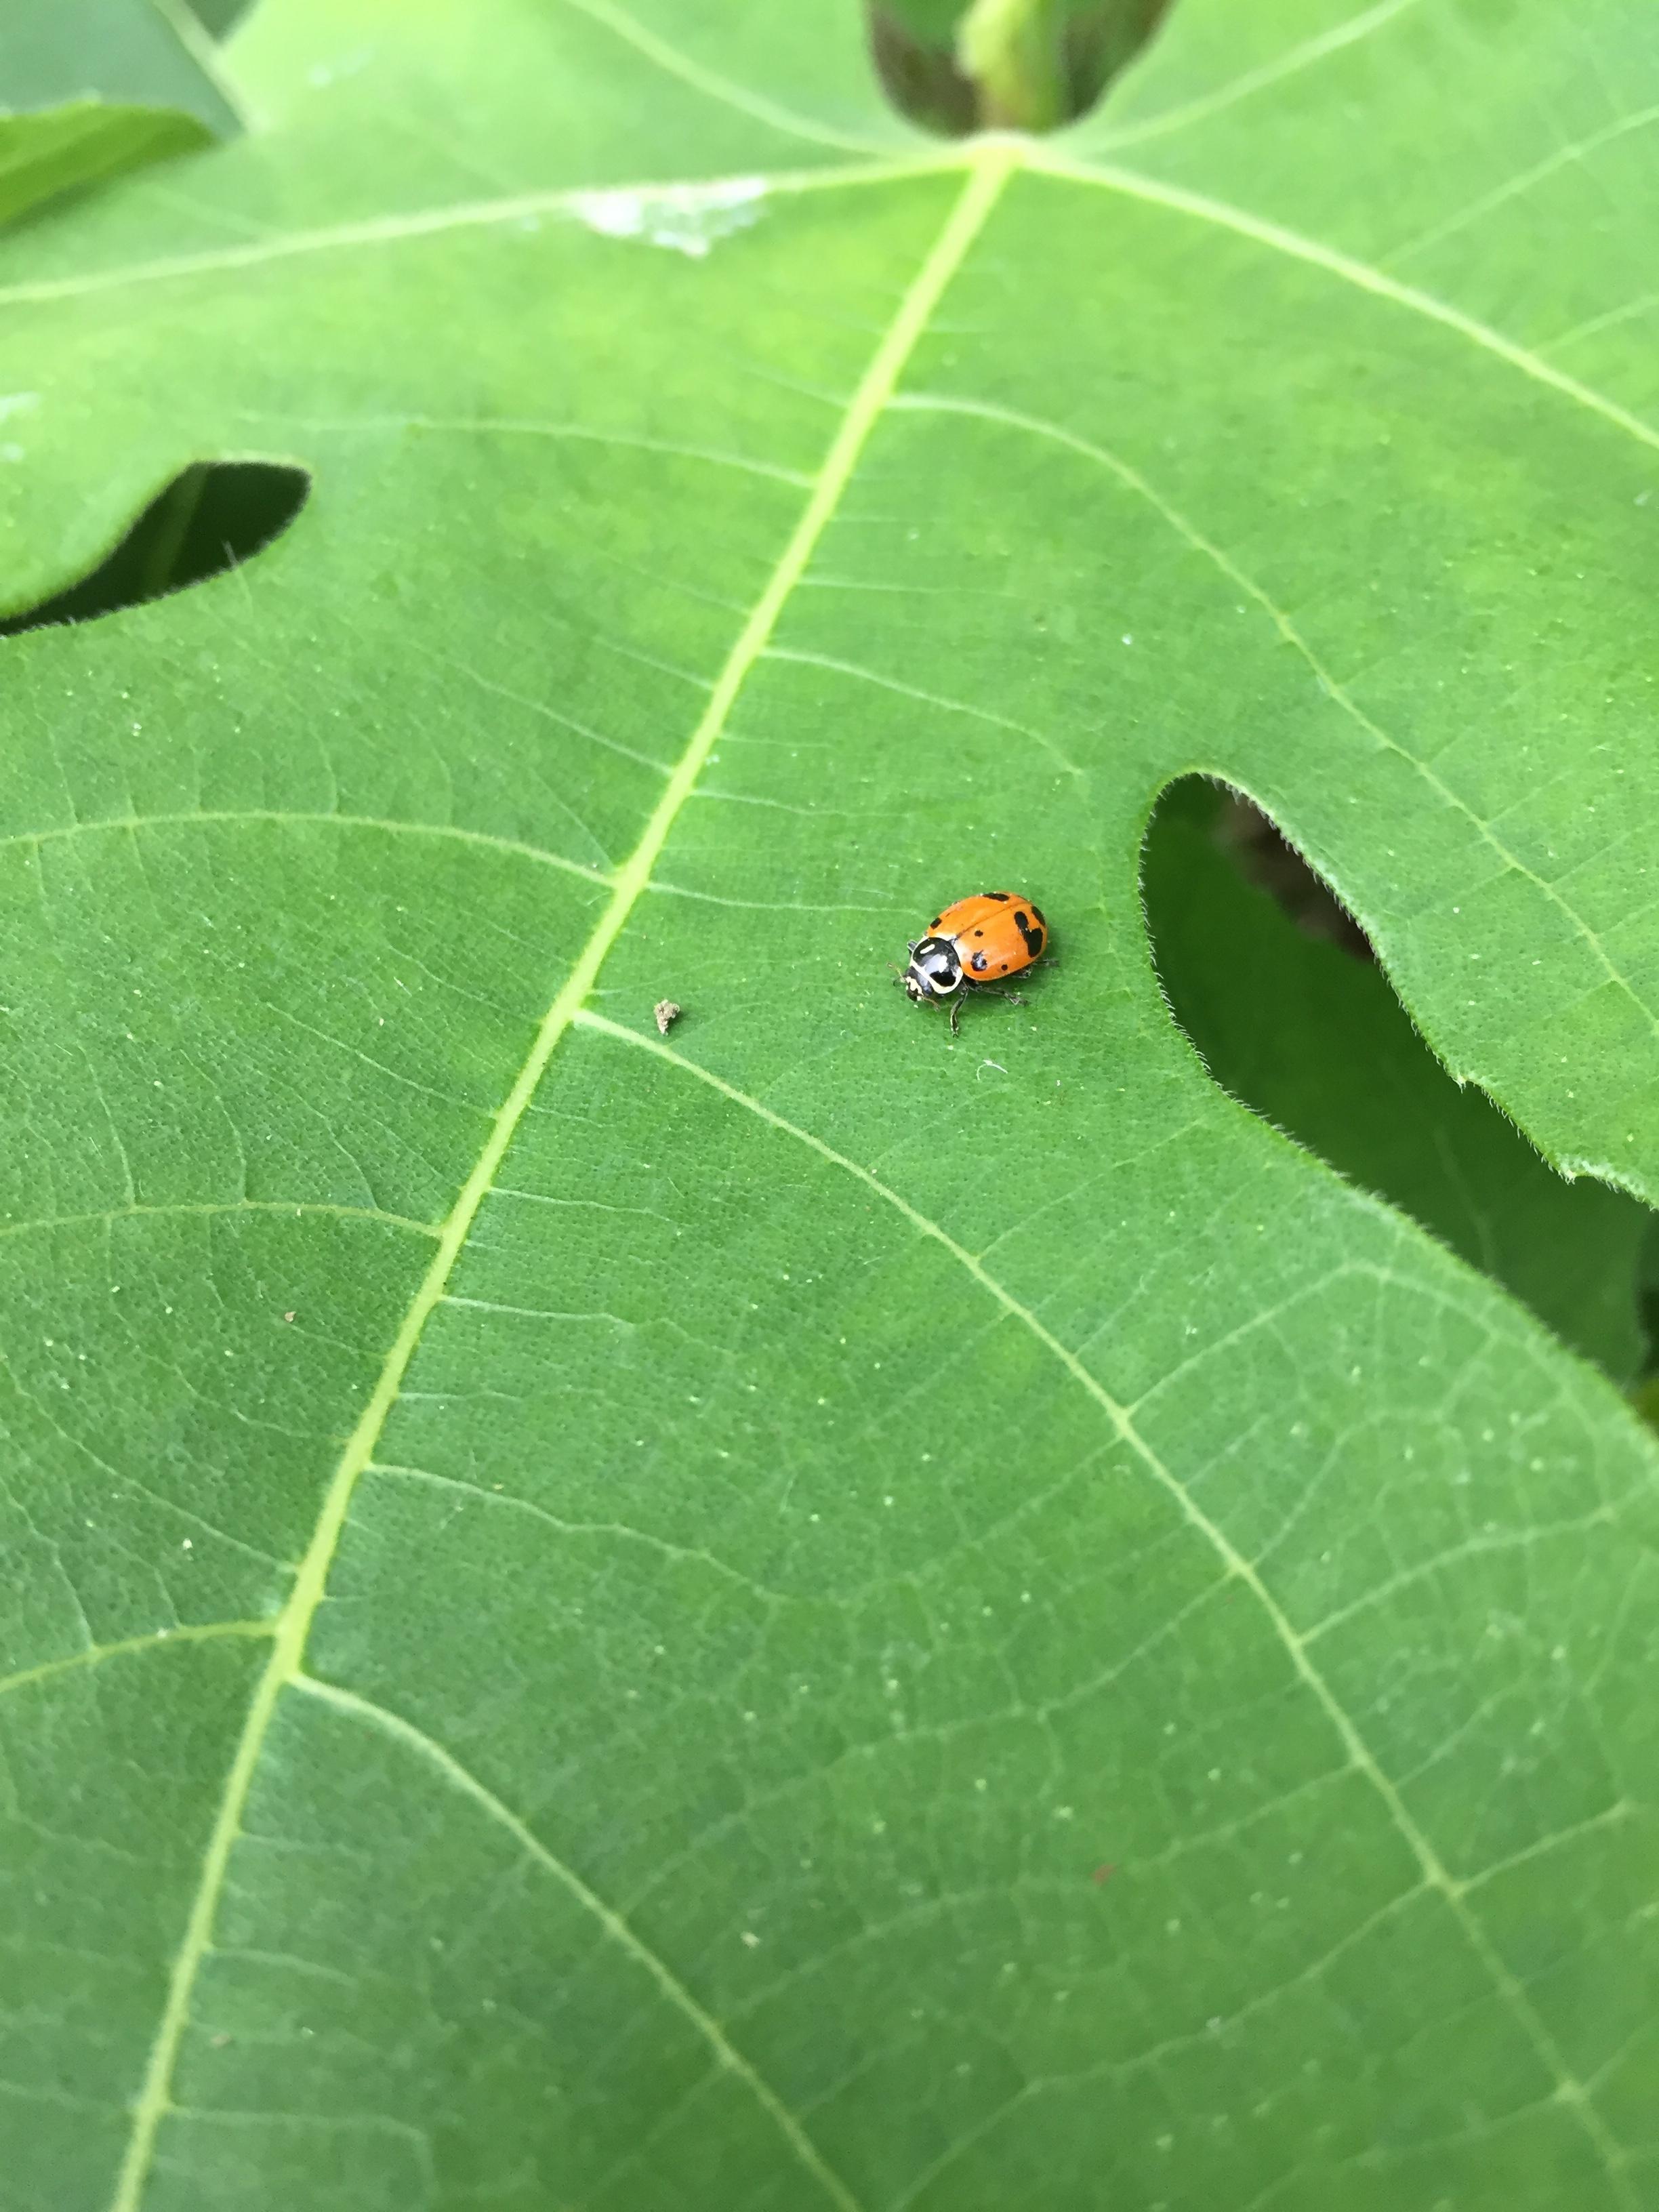 LadybugPestManag.jpg